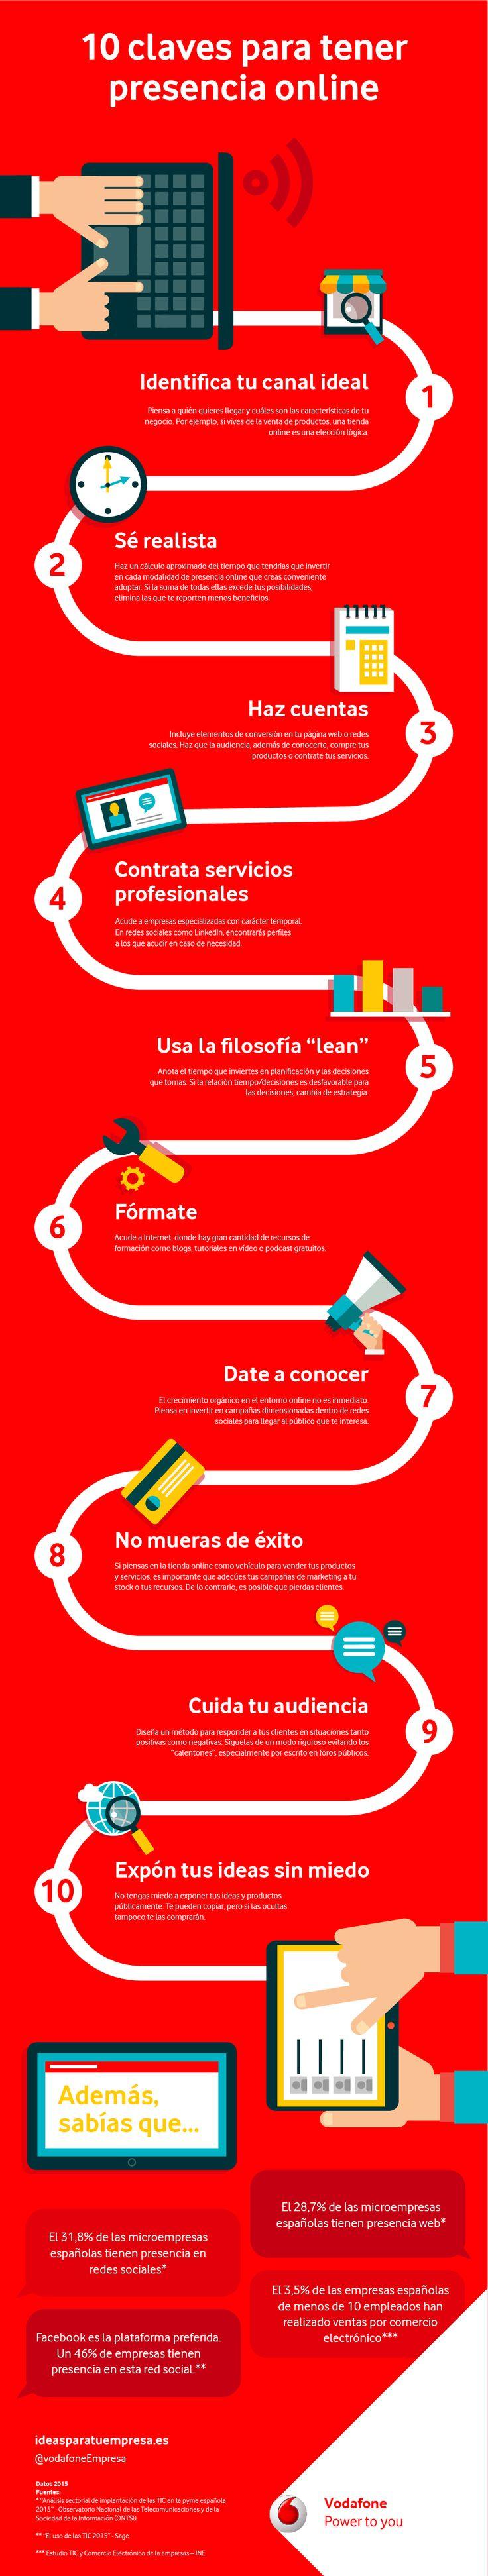 10 claves para tener presencia online #infografia #infographic #marketing | TICs y Formación